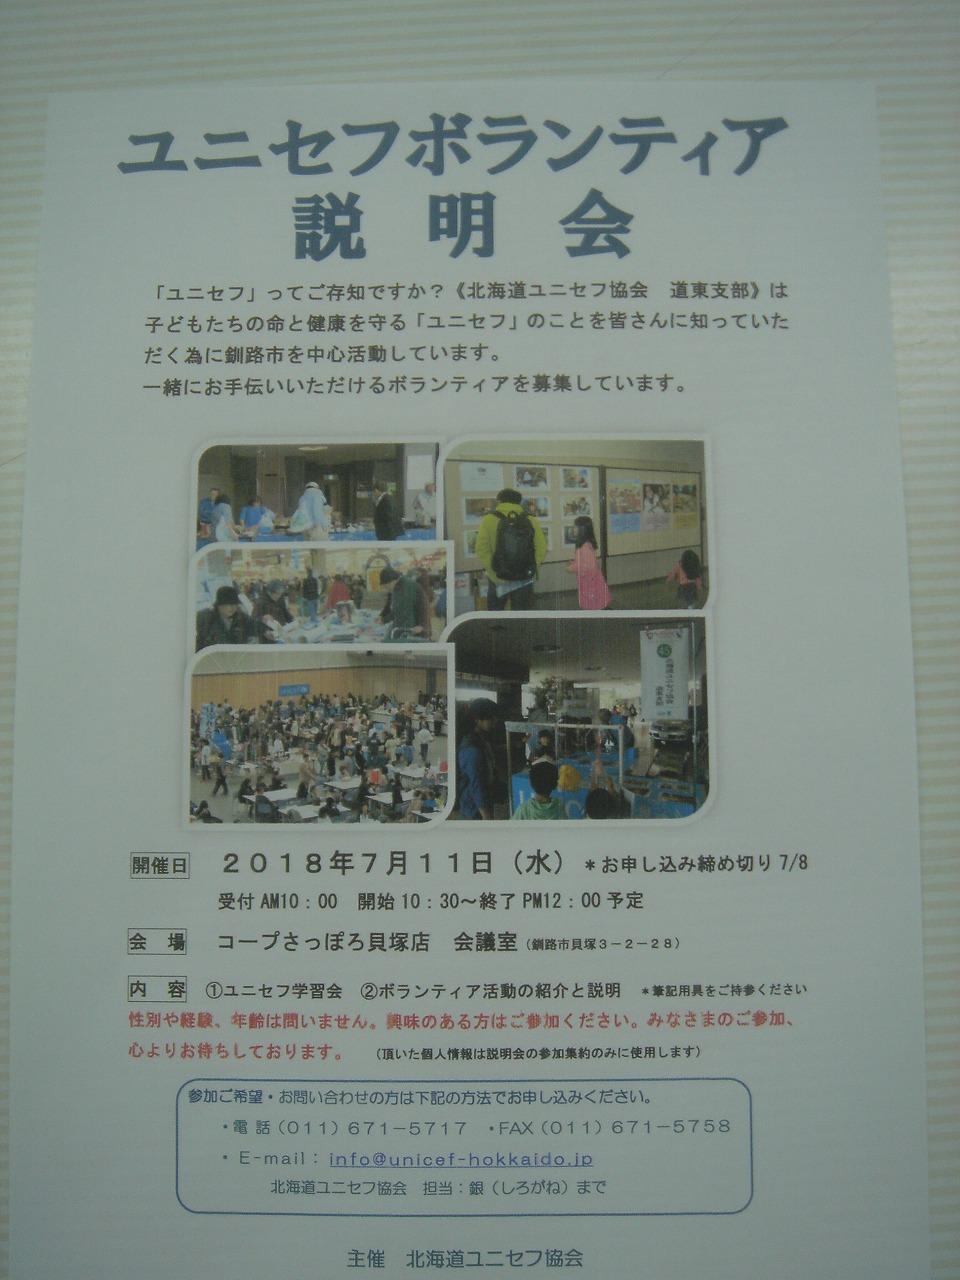 http://www.unicef-hokkaido.jp/img/DSC08527.jpg